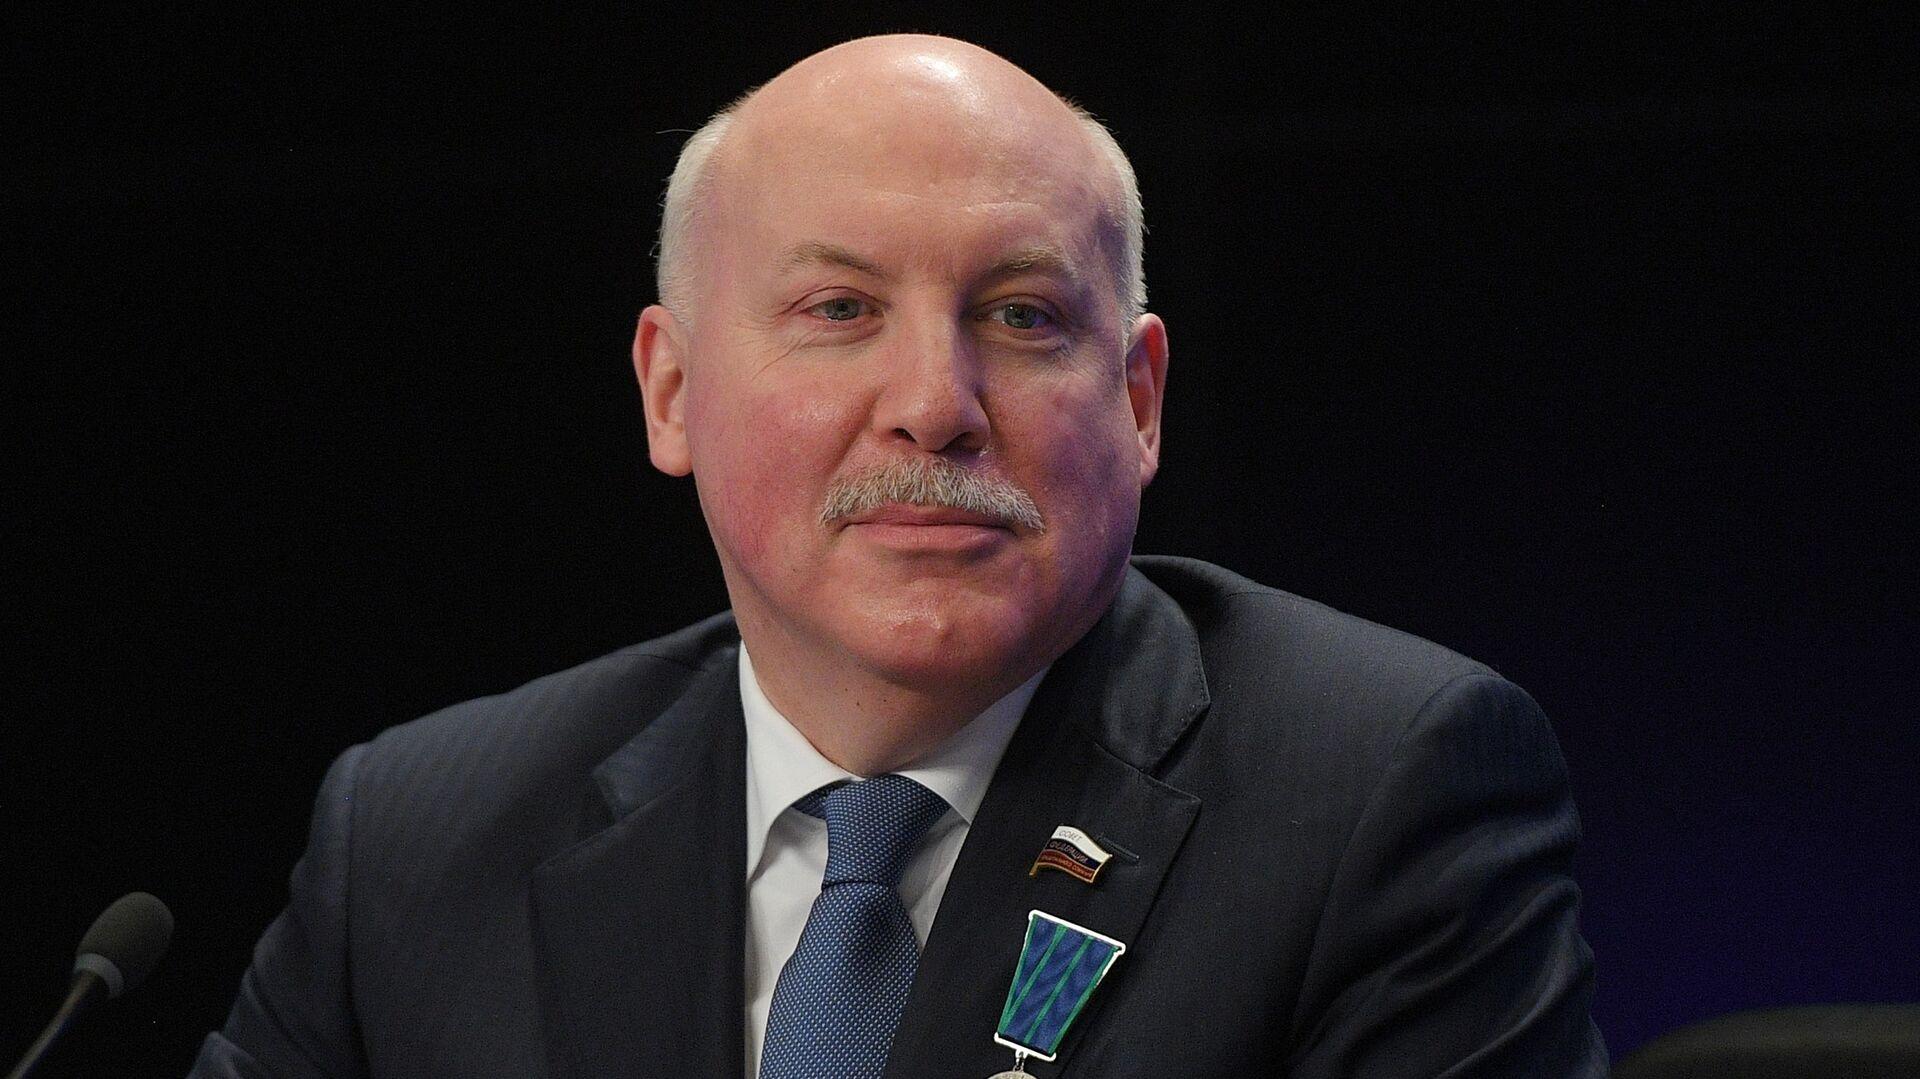 Dmitri Mézentsev, embajador ruso en Bielorrusia - Sputnik Mundo, 1920, 19.03.2021